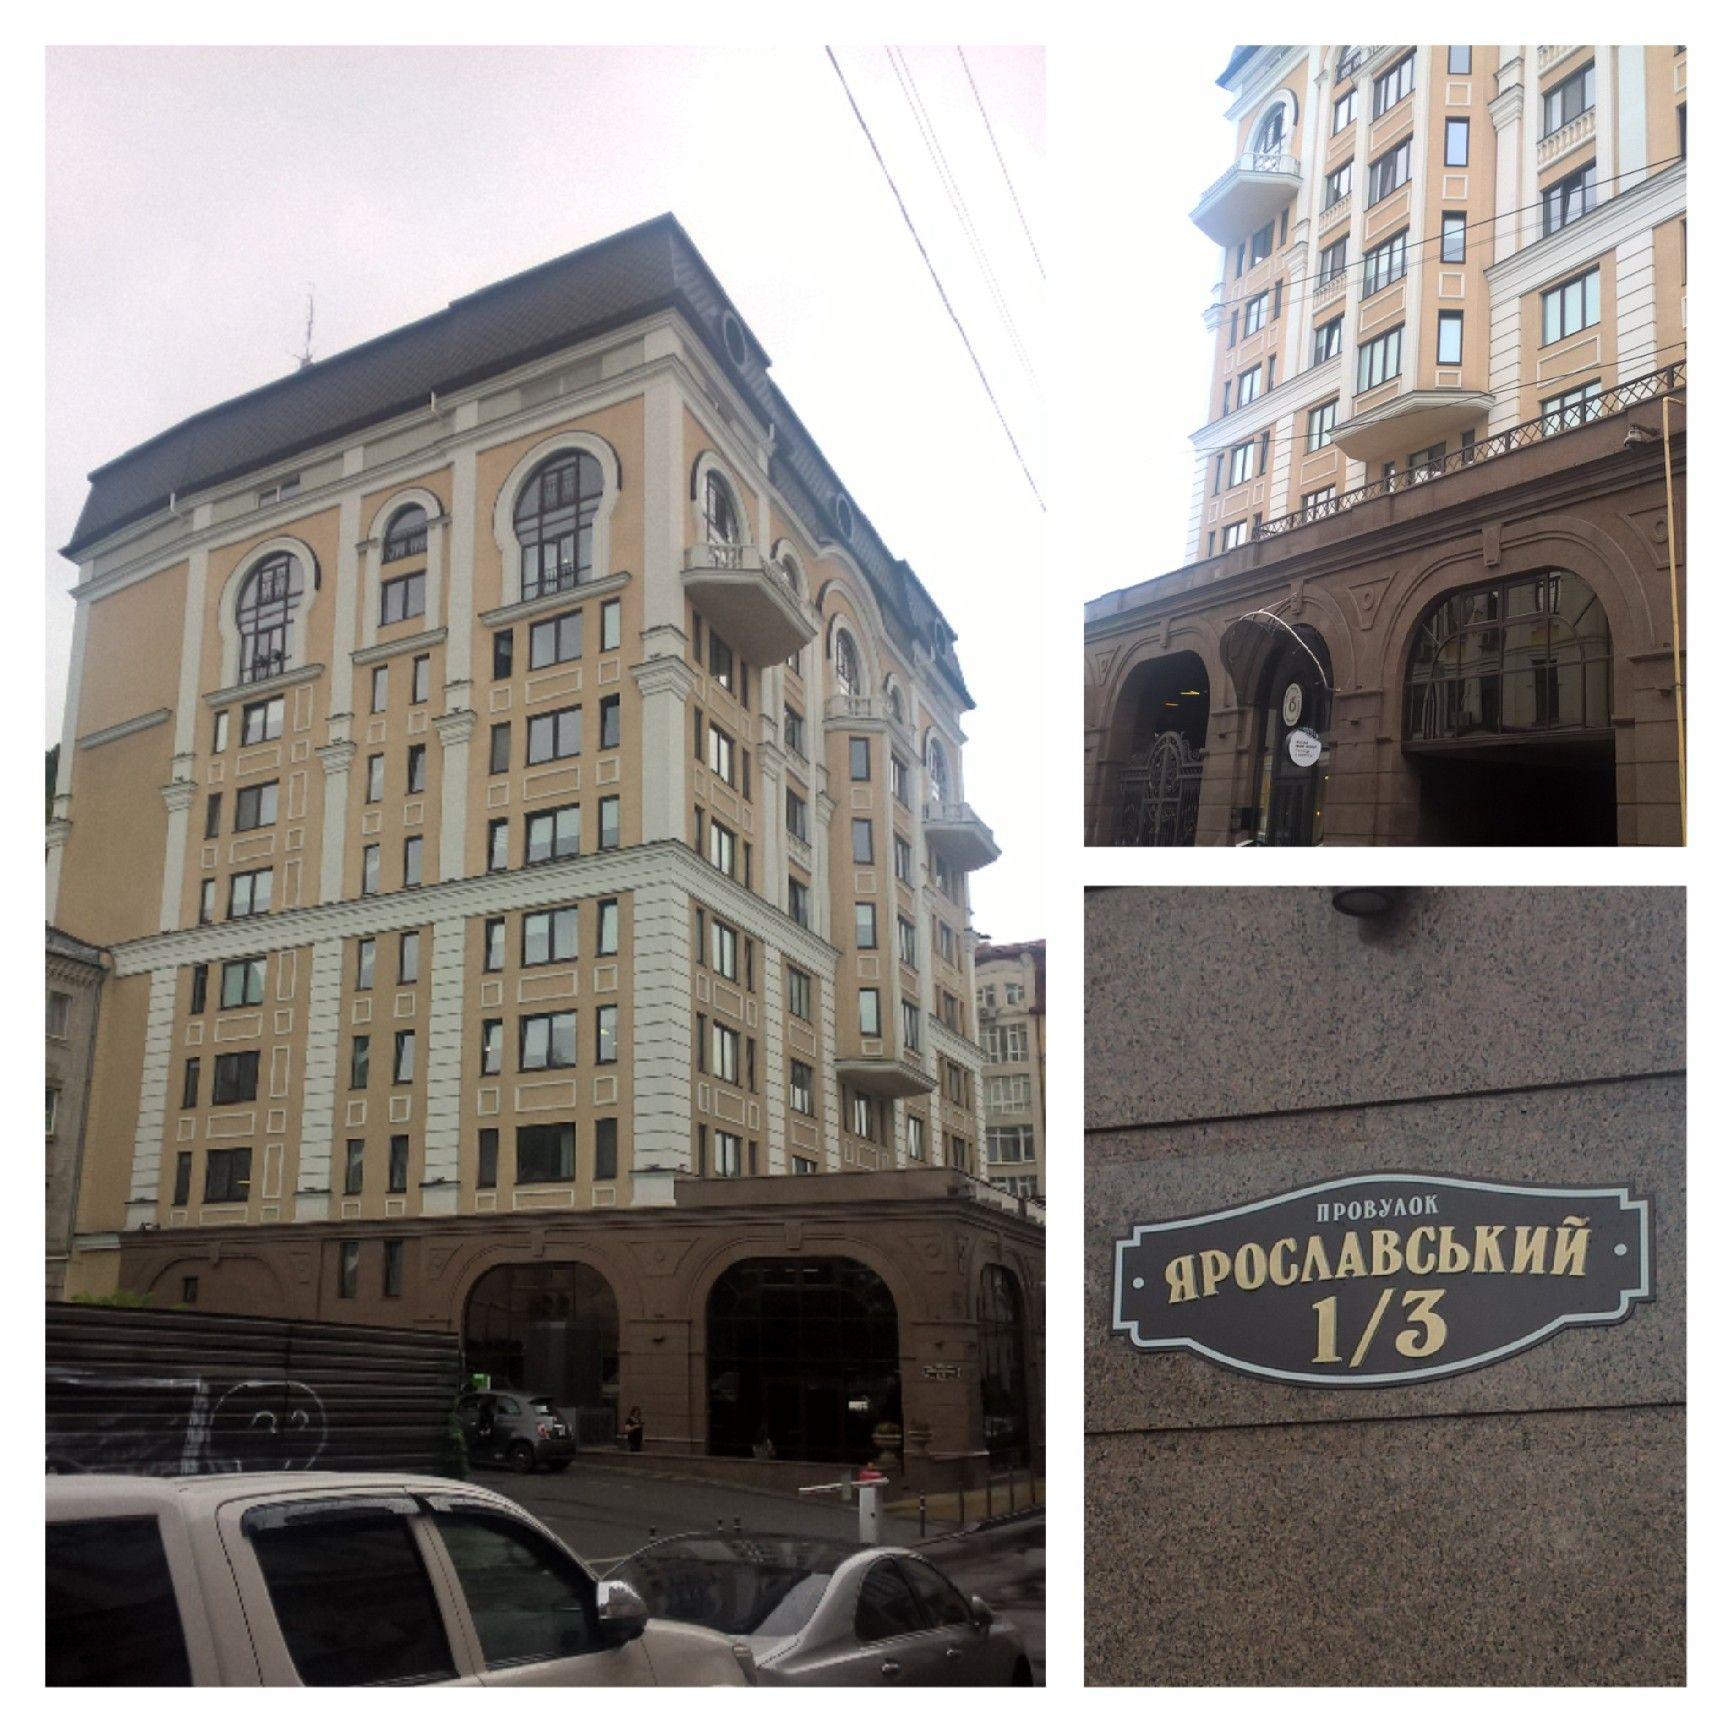 Бизнес-центр, W-6274490, Ярославский пер., 1/3, Киев - Фото 1